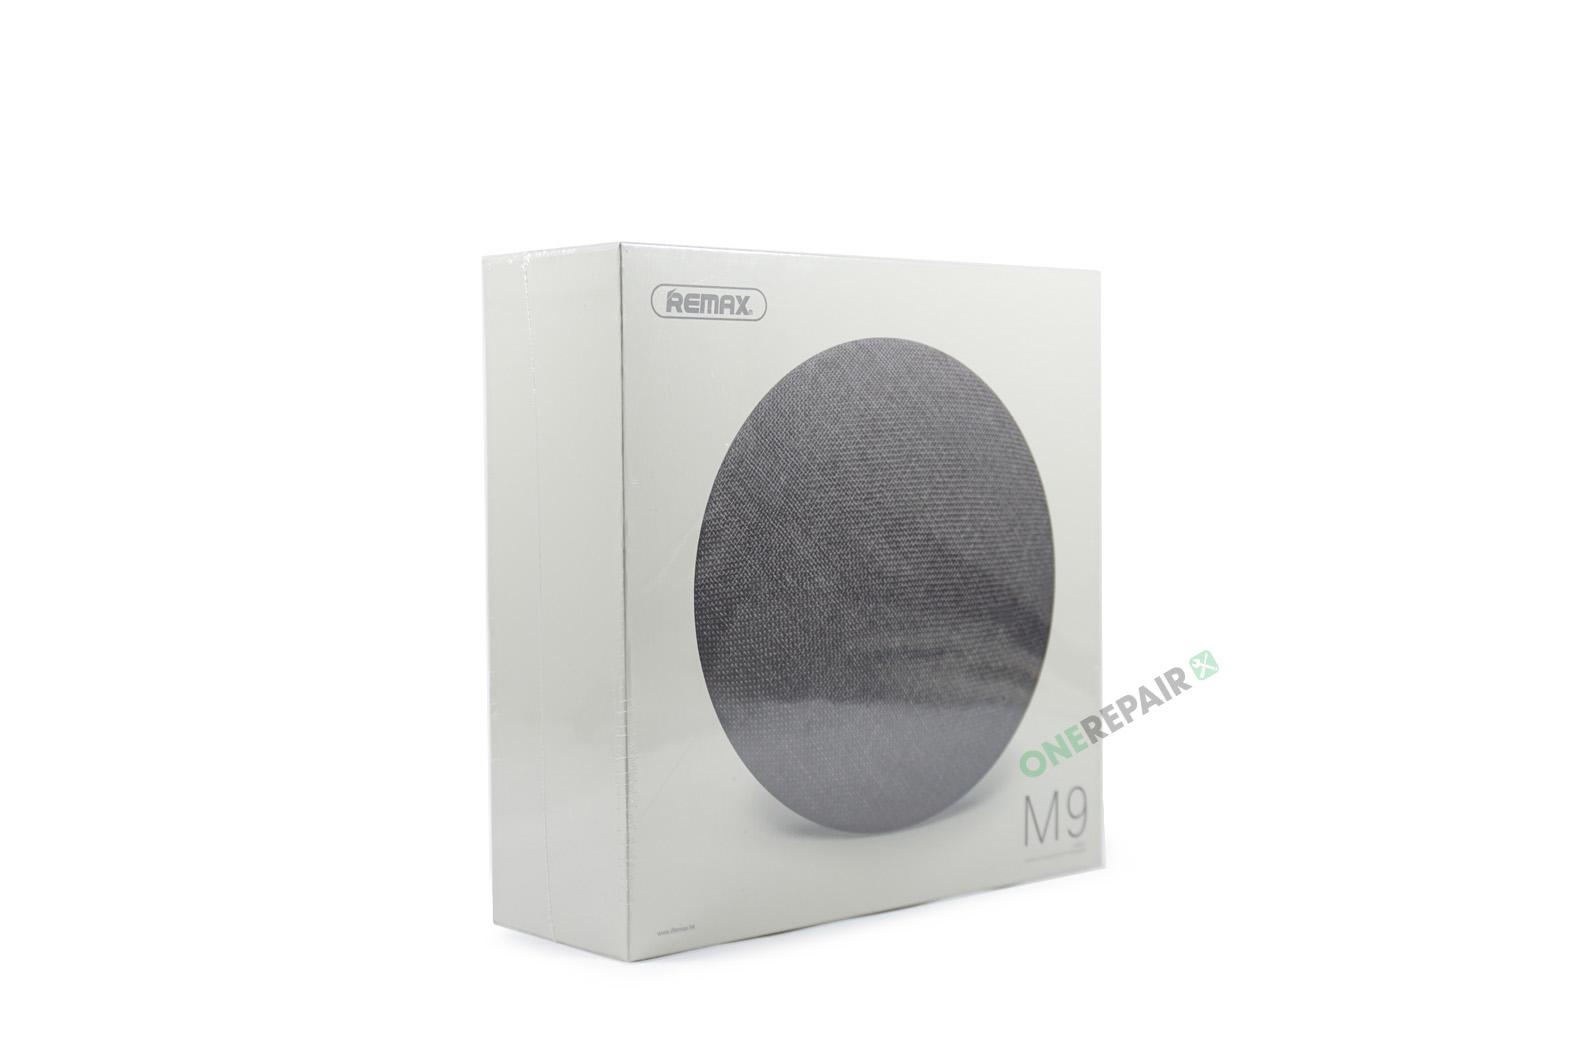 351367_Remax_M9_Hoejtaler_Bluetooth_Traadloes_Sort_Onerepair_WM_00001